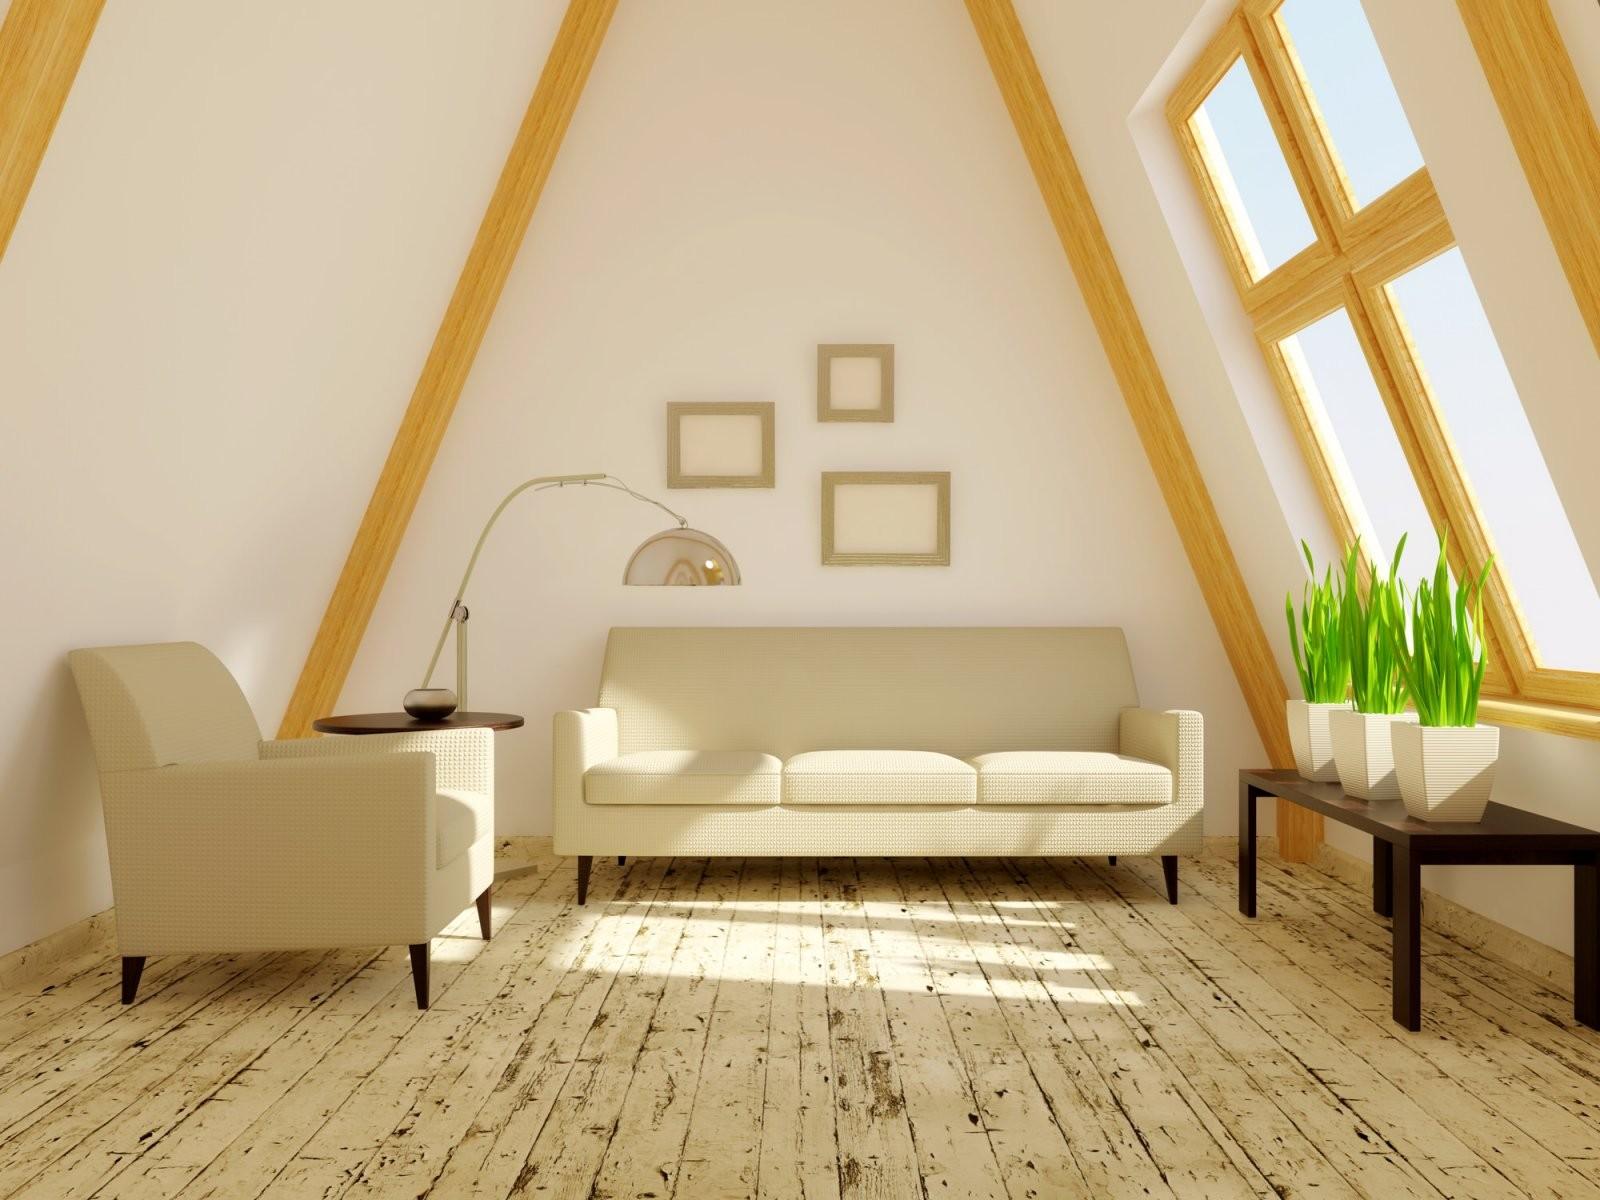 Ganz Schön Schräg 10 Tipps Wie Sie Räume Mit Dachschrägen Stilvoll von Jugendzimmer Mit Dachschräge Einrichten Photo